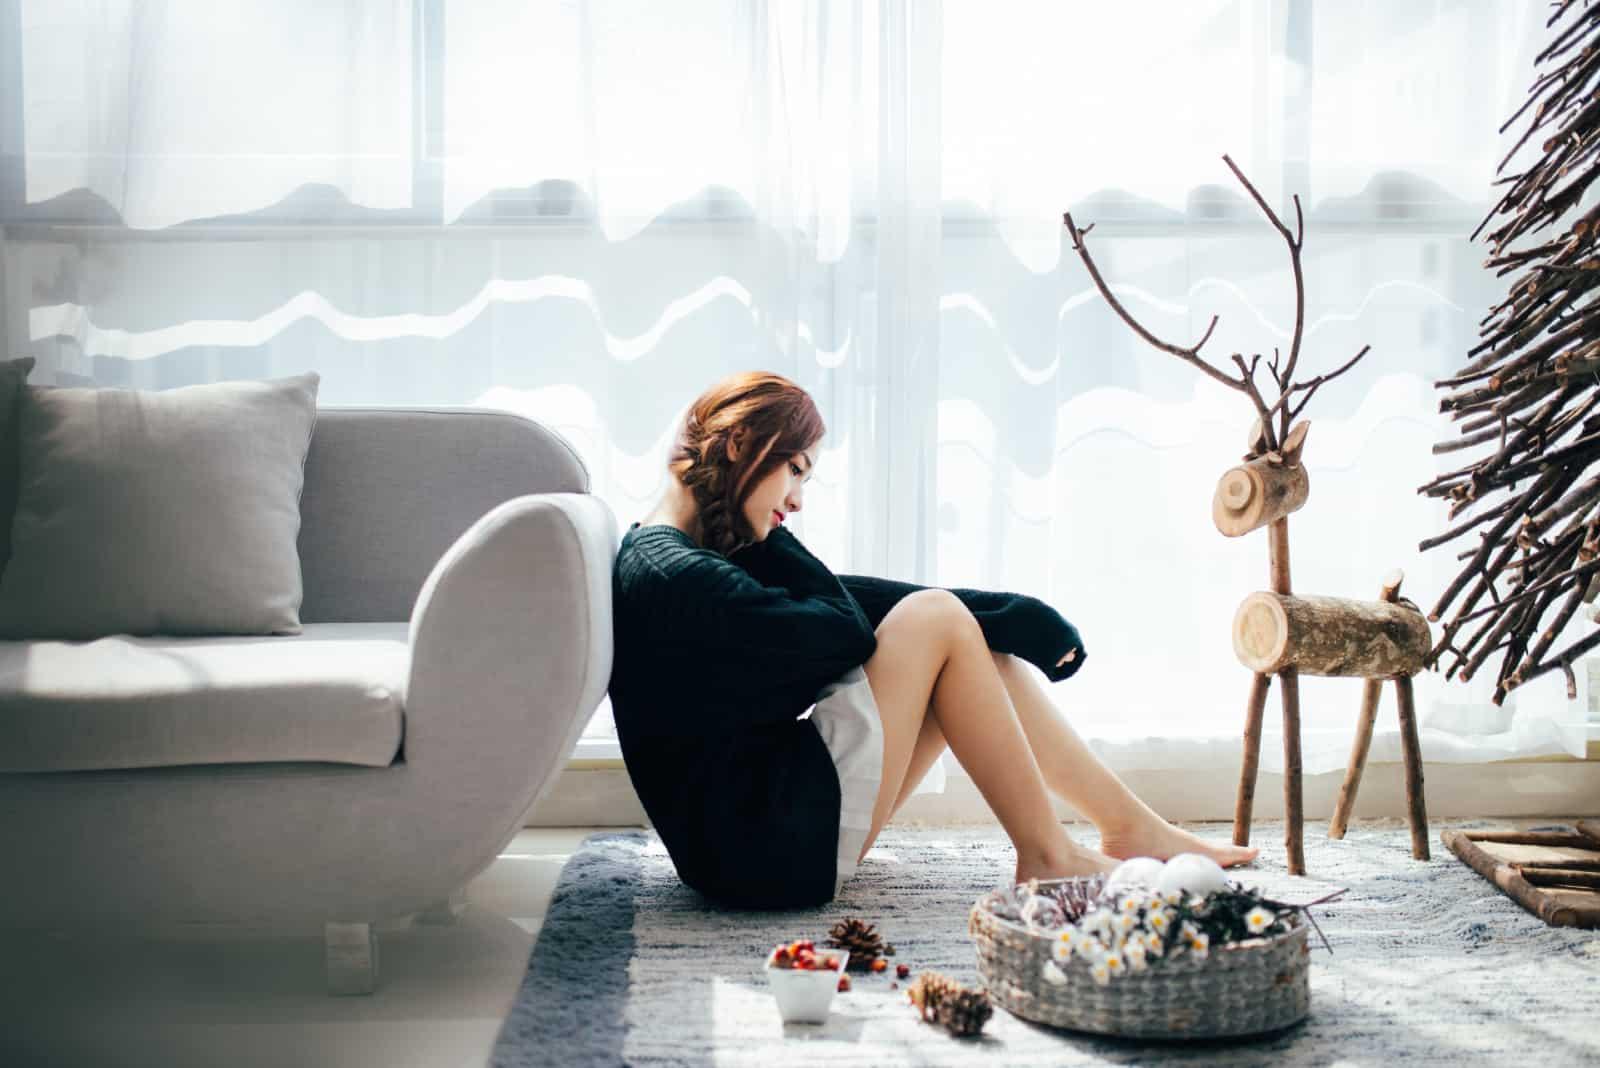 femme triste assise sur le sol près d'un canapé